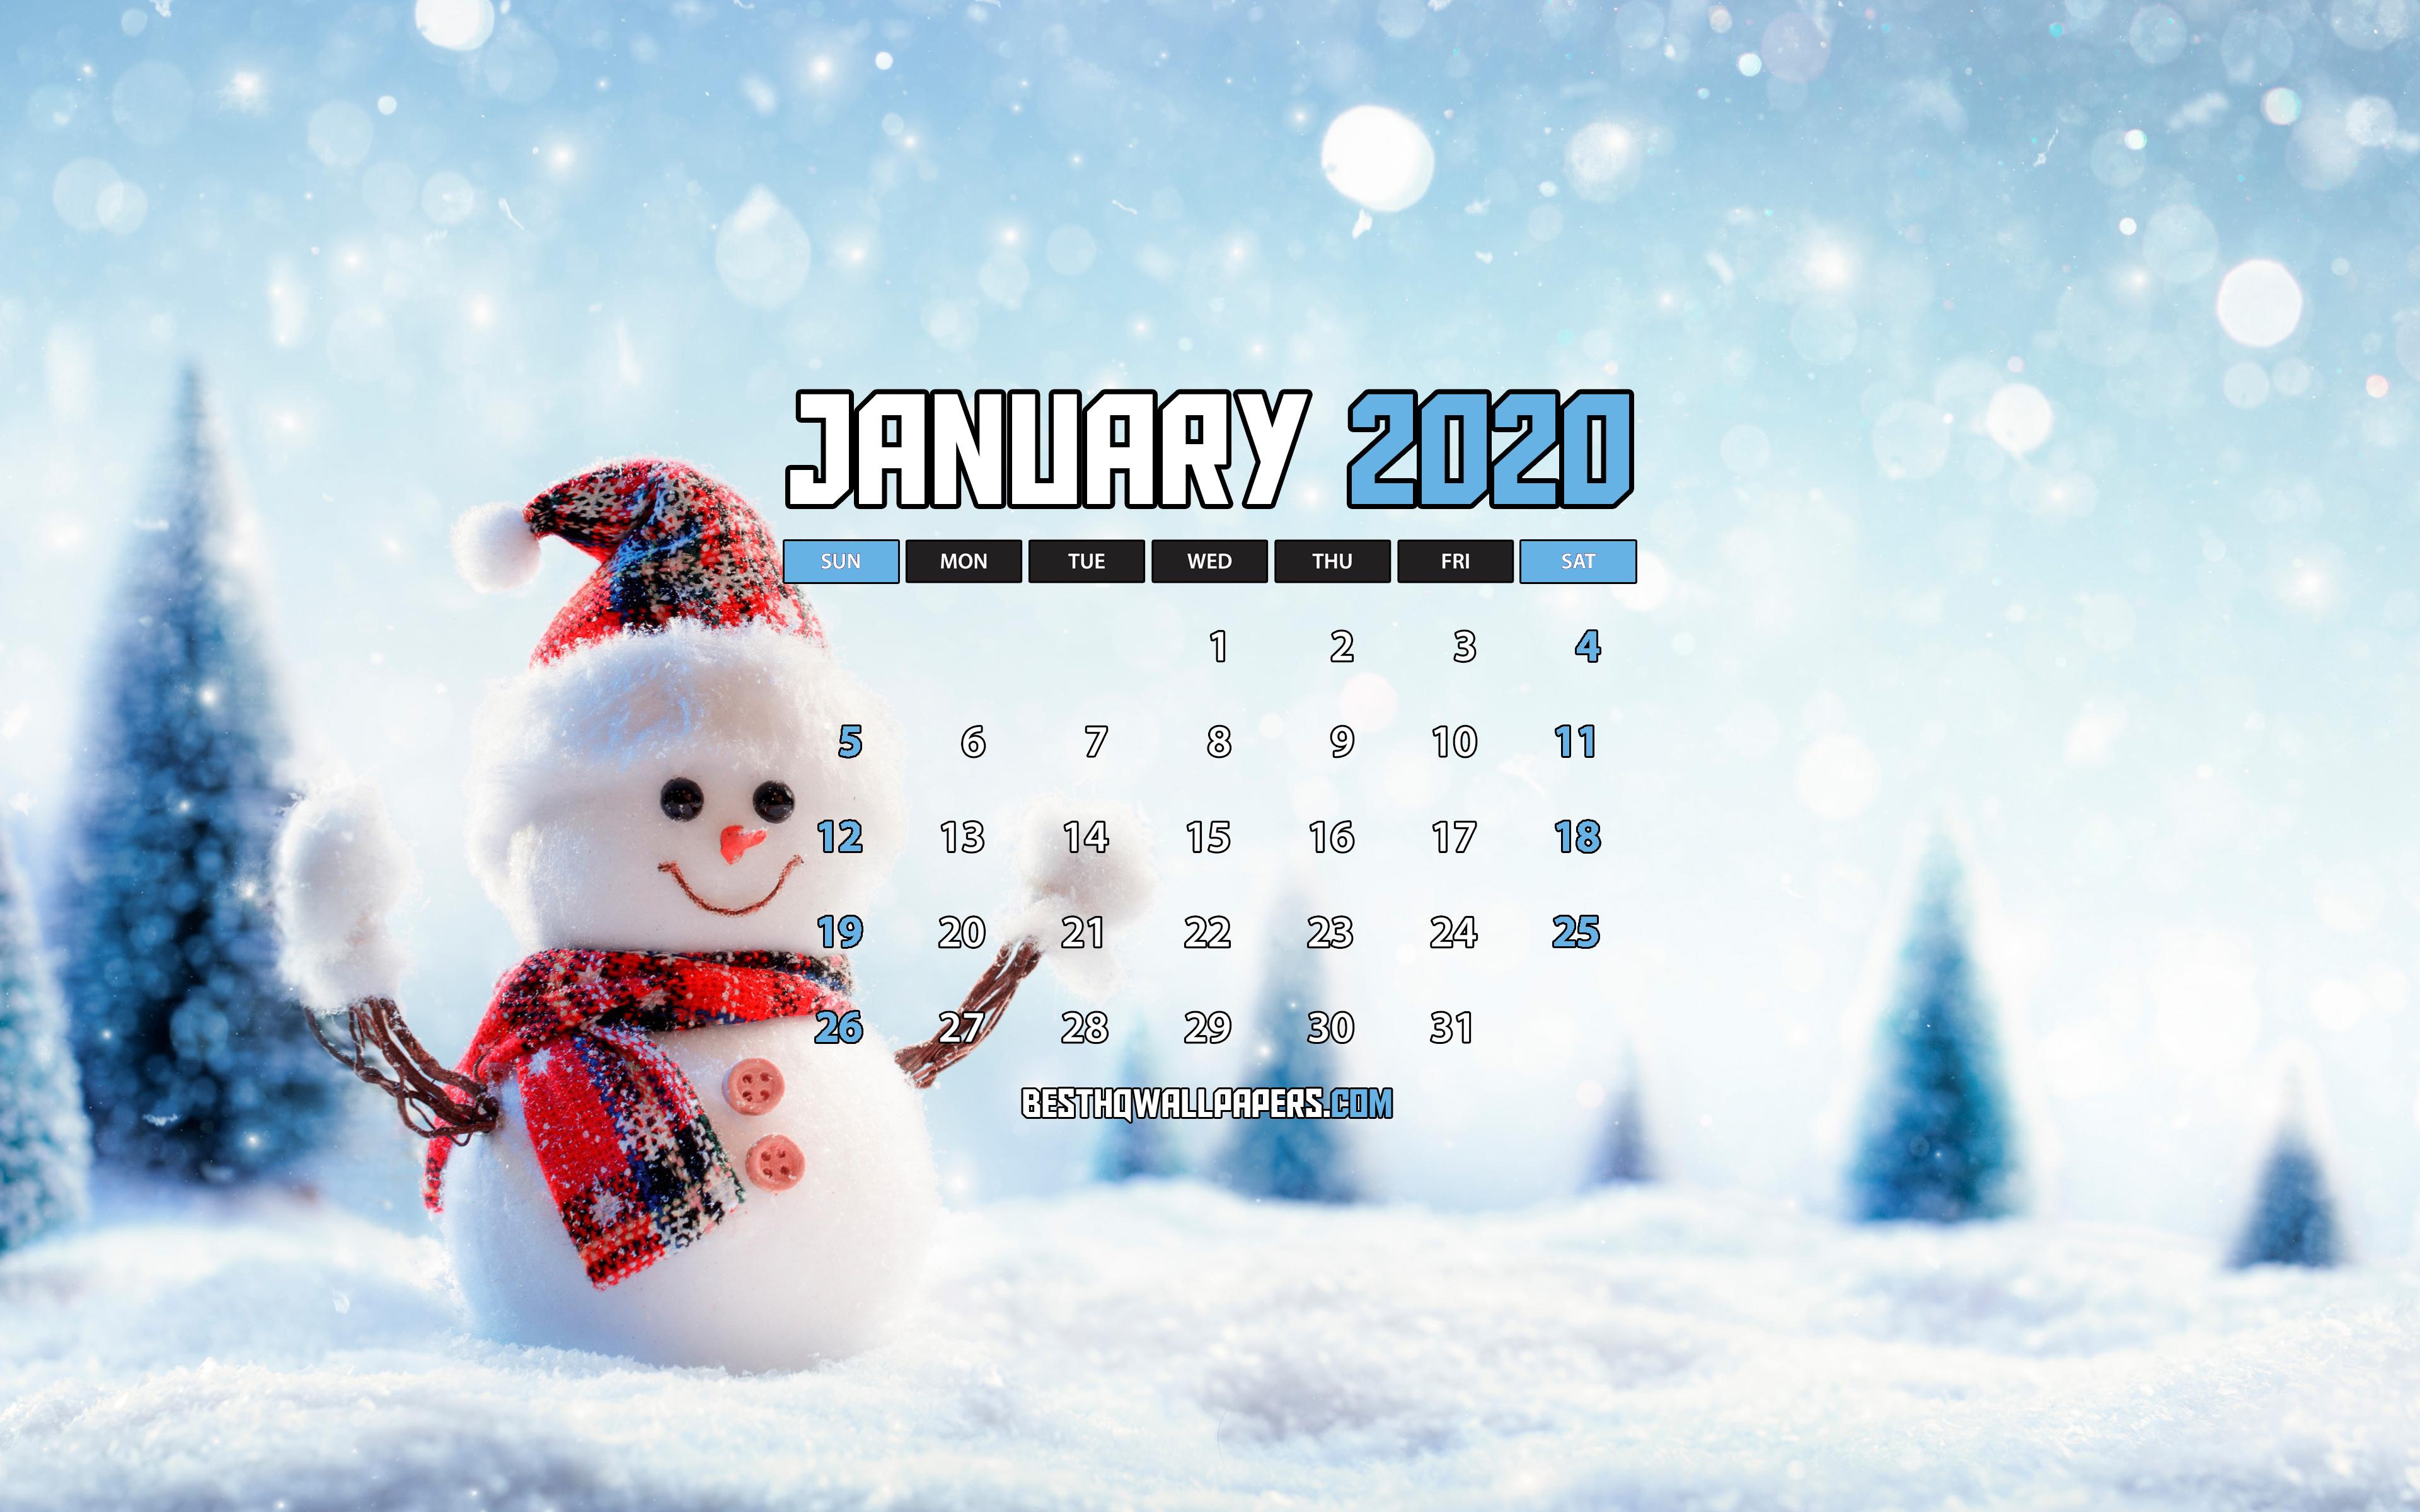 Обои На Рабочий Стол Январь 2020